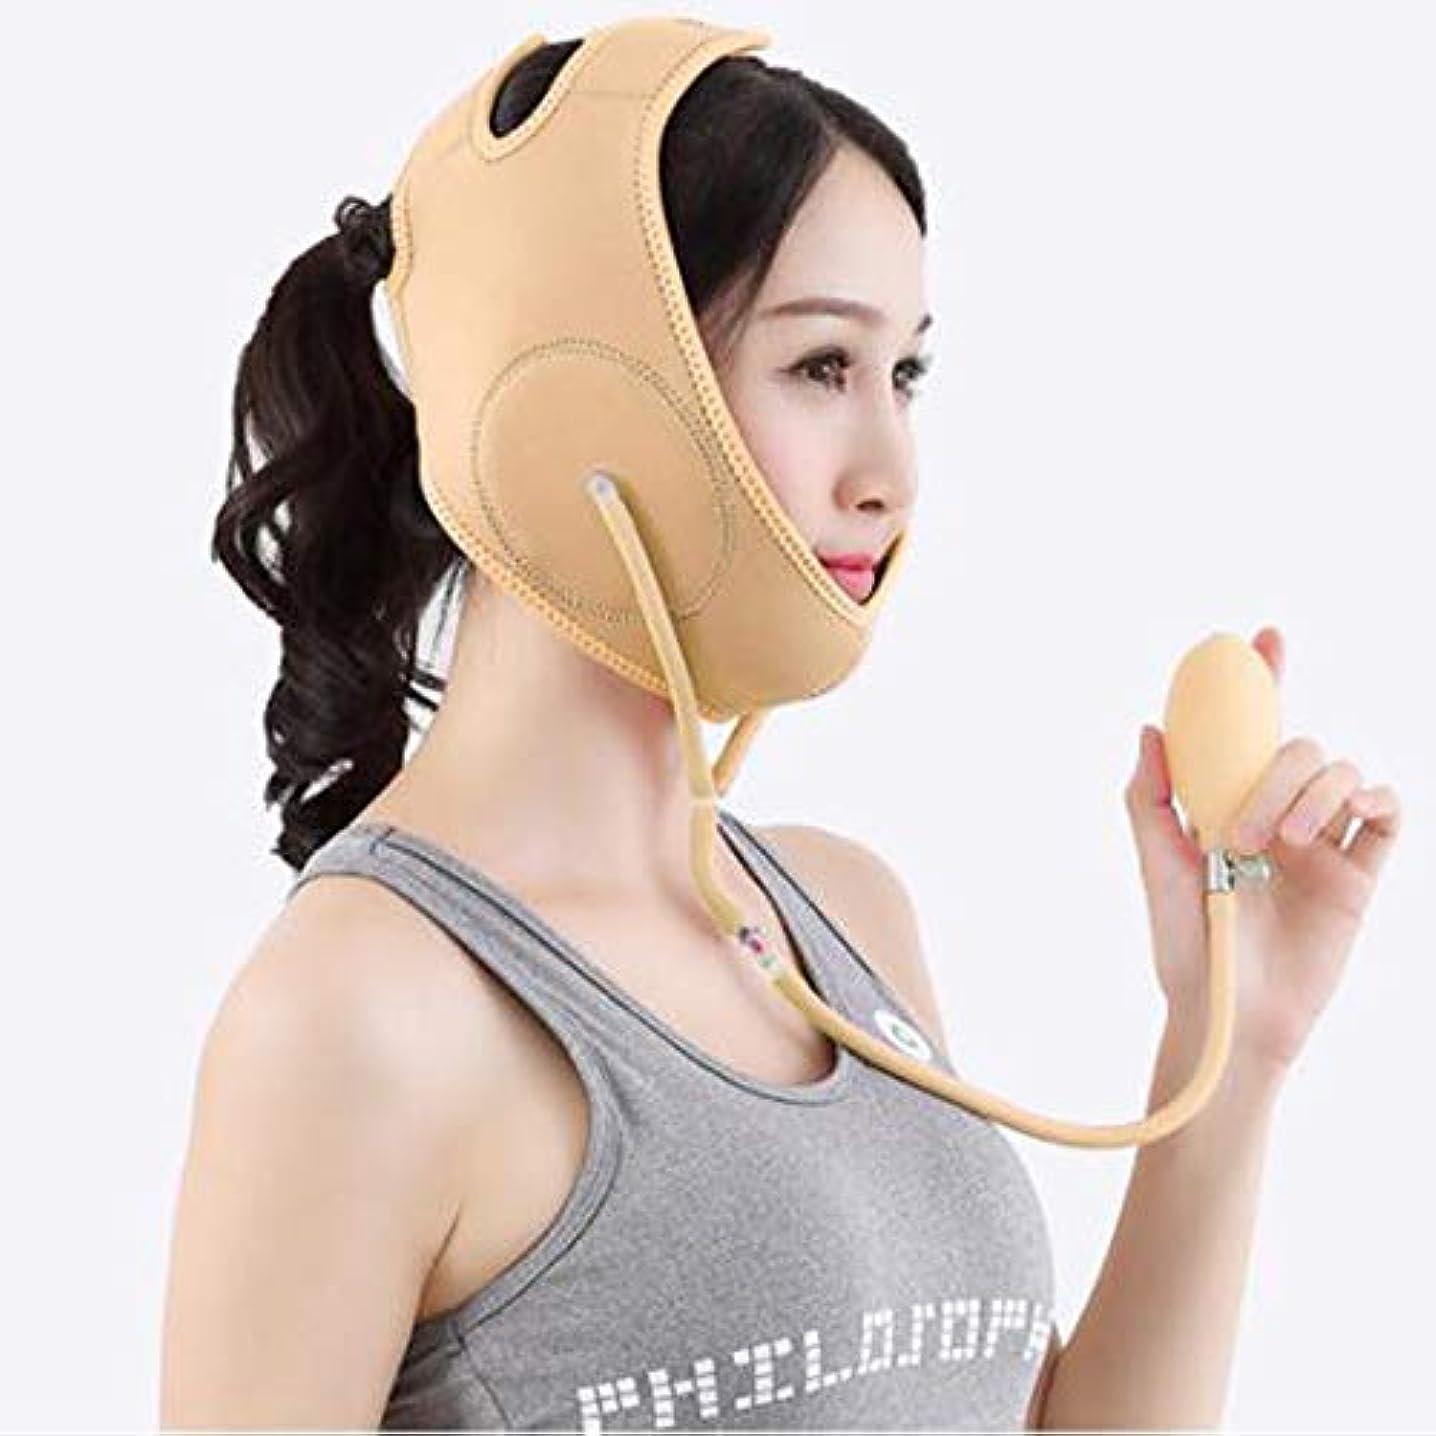 いっぱいつかの間滝Minmin フェイシャルリフティング痩身ベルトダブルエアバッグ圧力調整フェイス包帯マスク整形マスクが顔を引き締める みんみんVラインフェイスマスク (Color : Beige, Size : M)